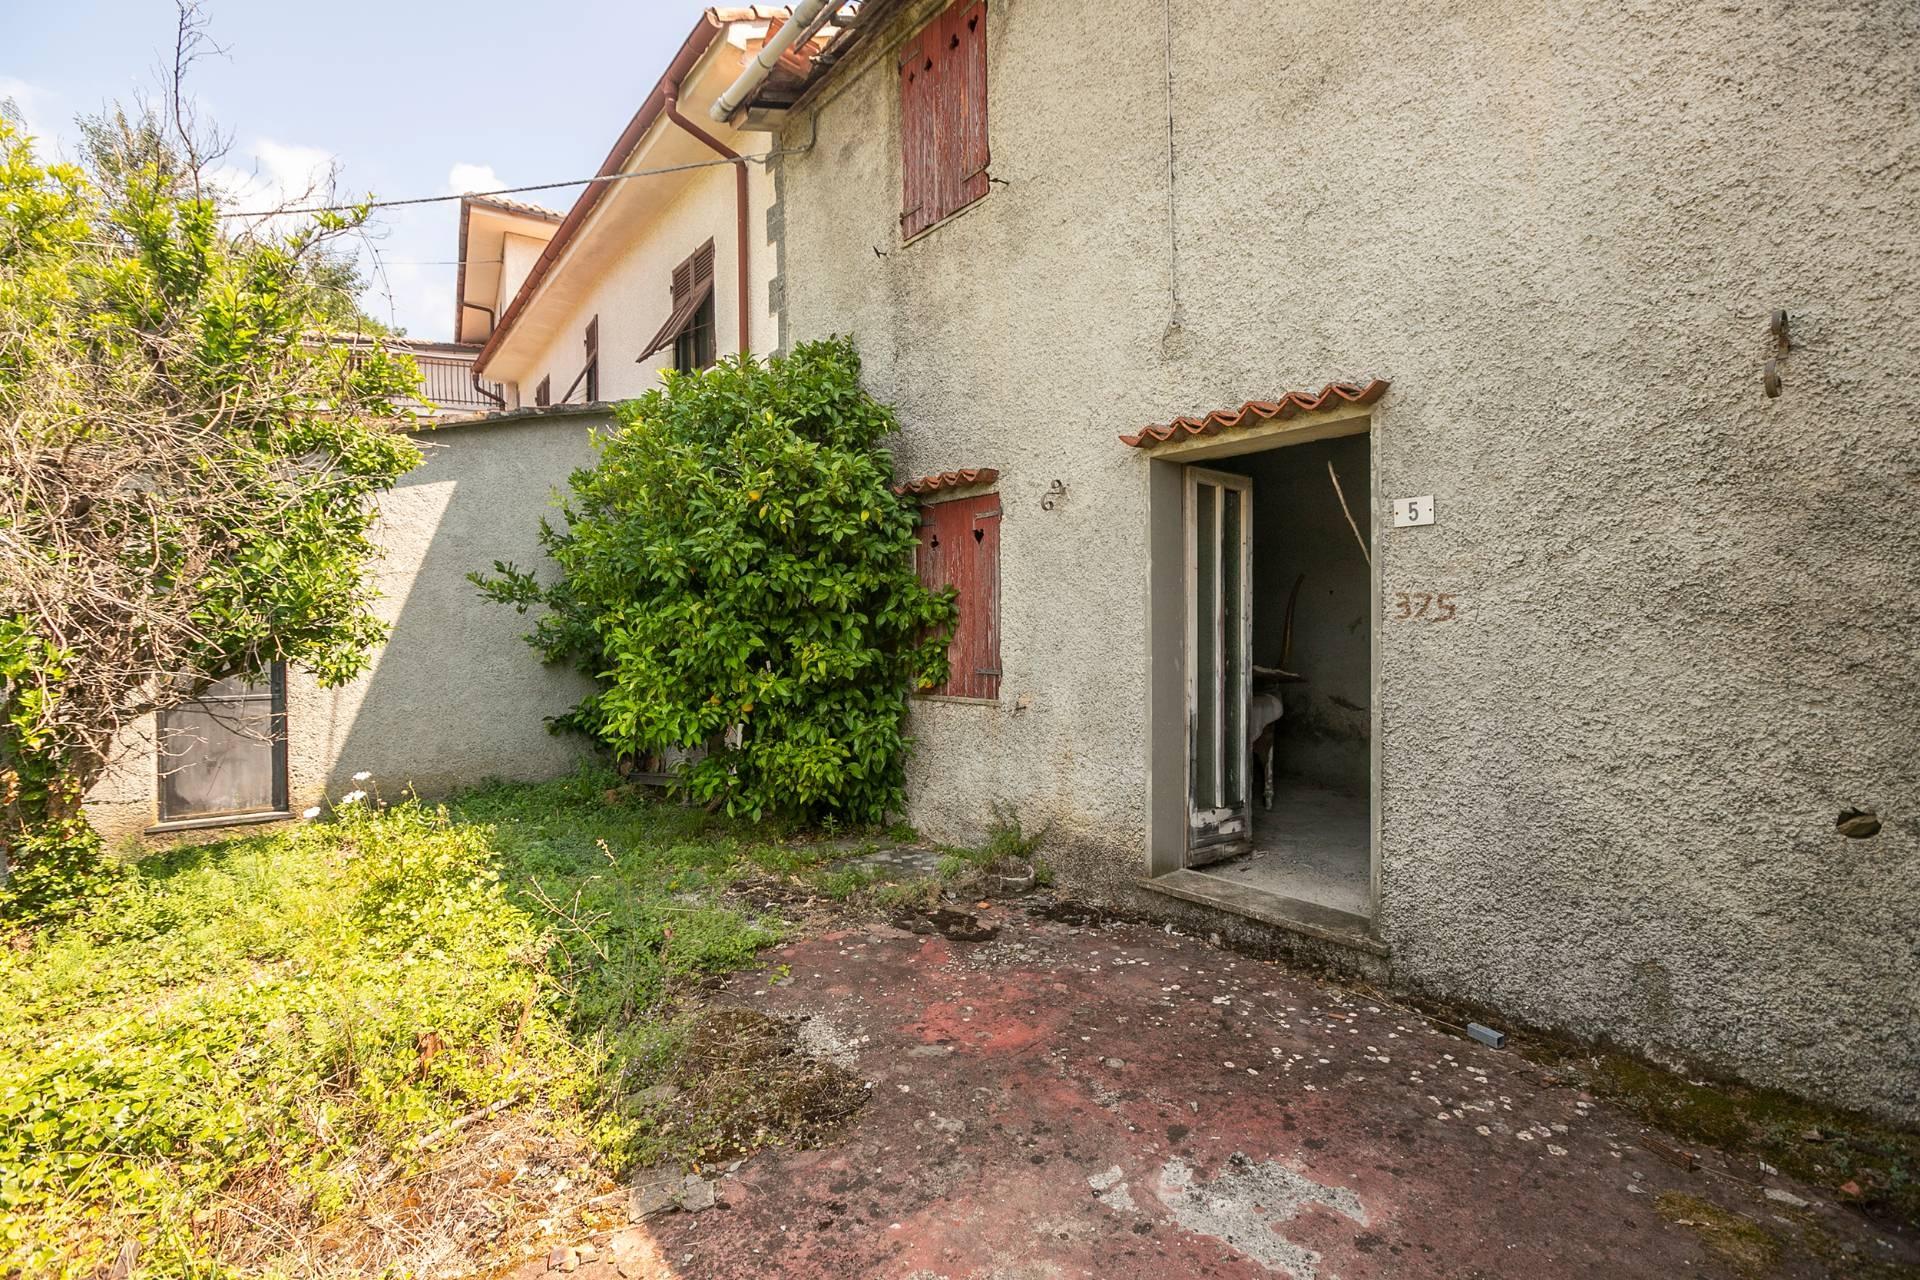 Rustico - Cascina NE vendita  Ne  Immobiliare Le Riviere S.r.l.